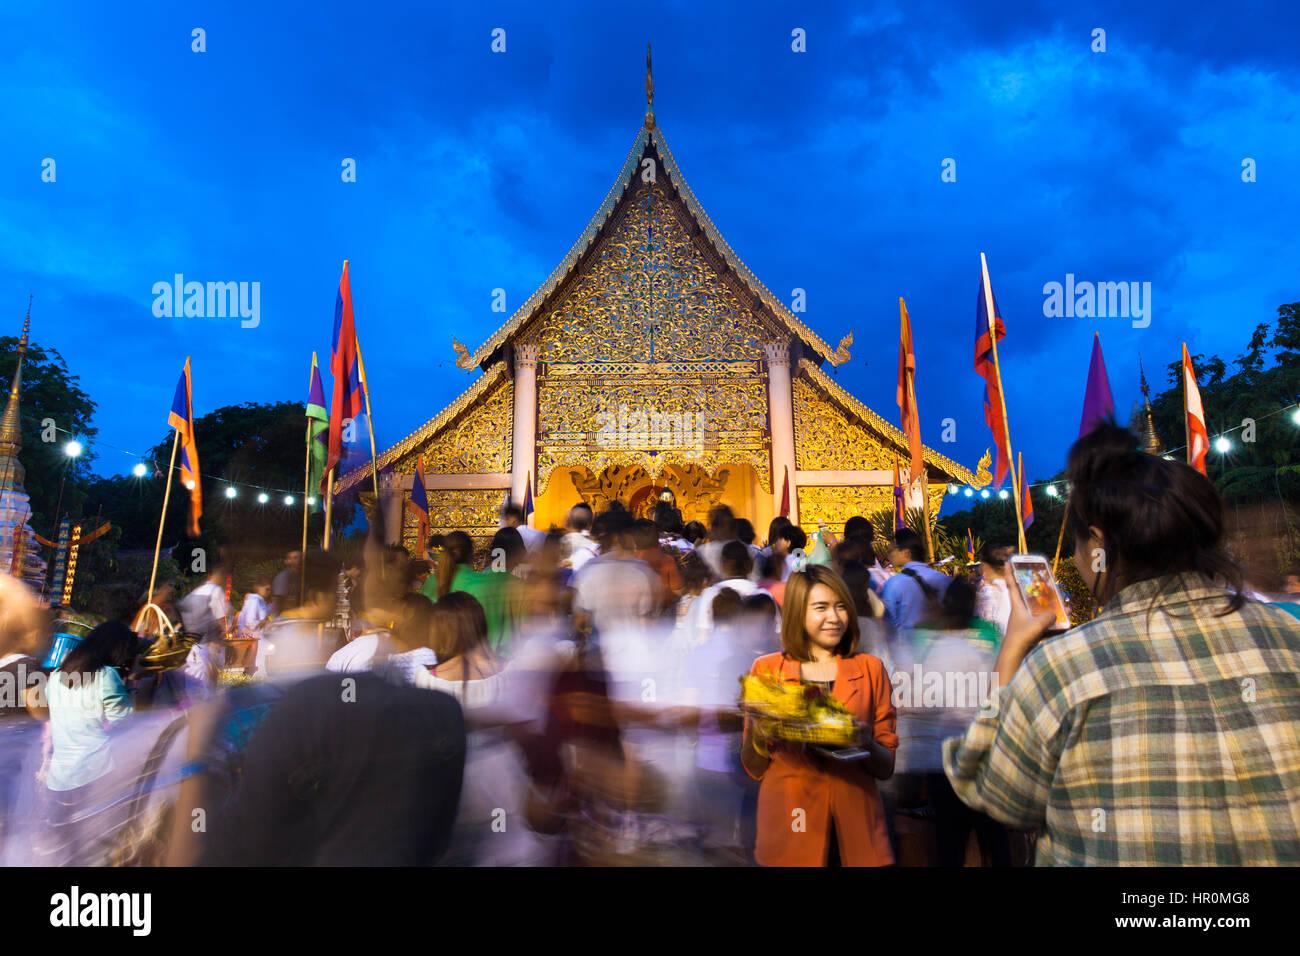 Chiang Mai, Thailandia - 29 Maggio, 2014: folla di persone adorare a Wat Chedi Luang durante la città del Festival Immagini Stock